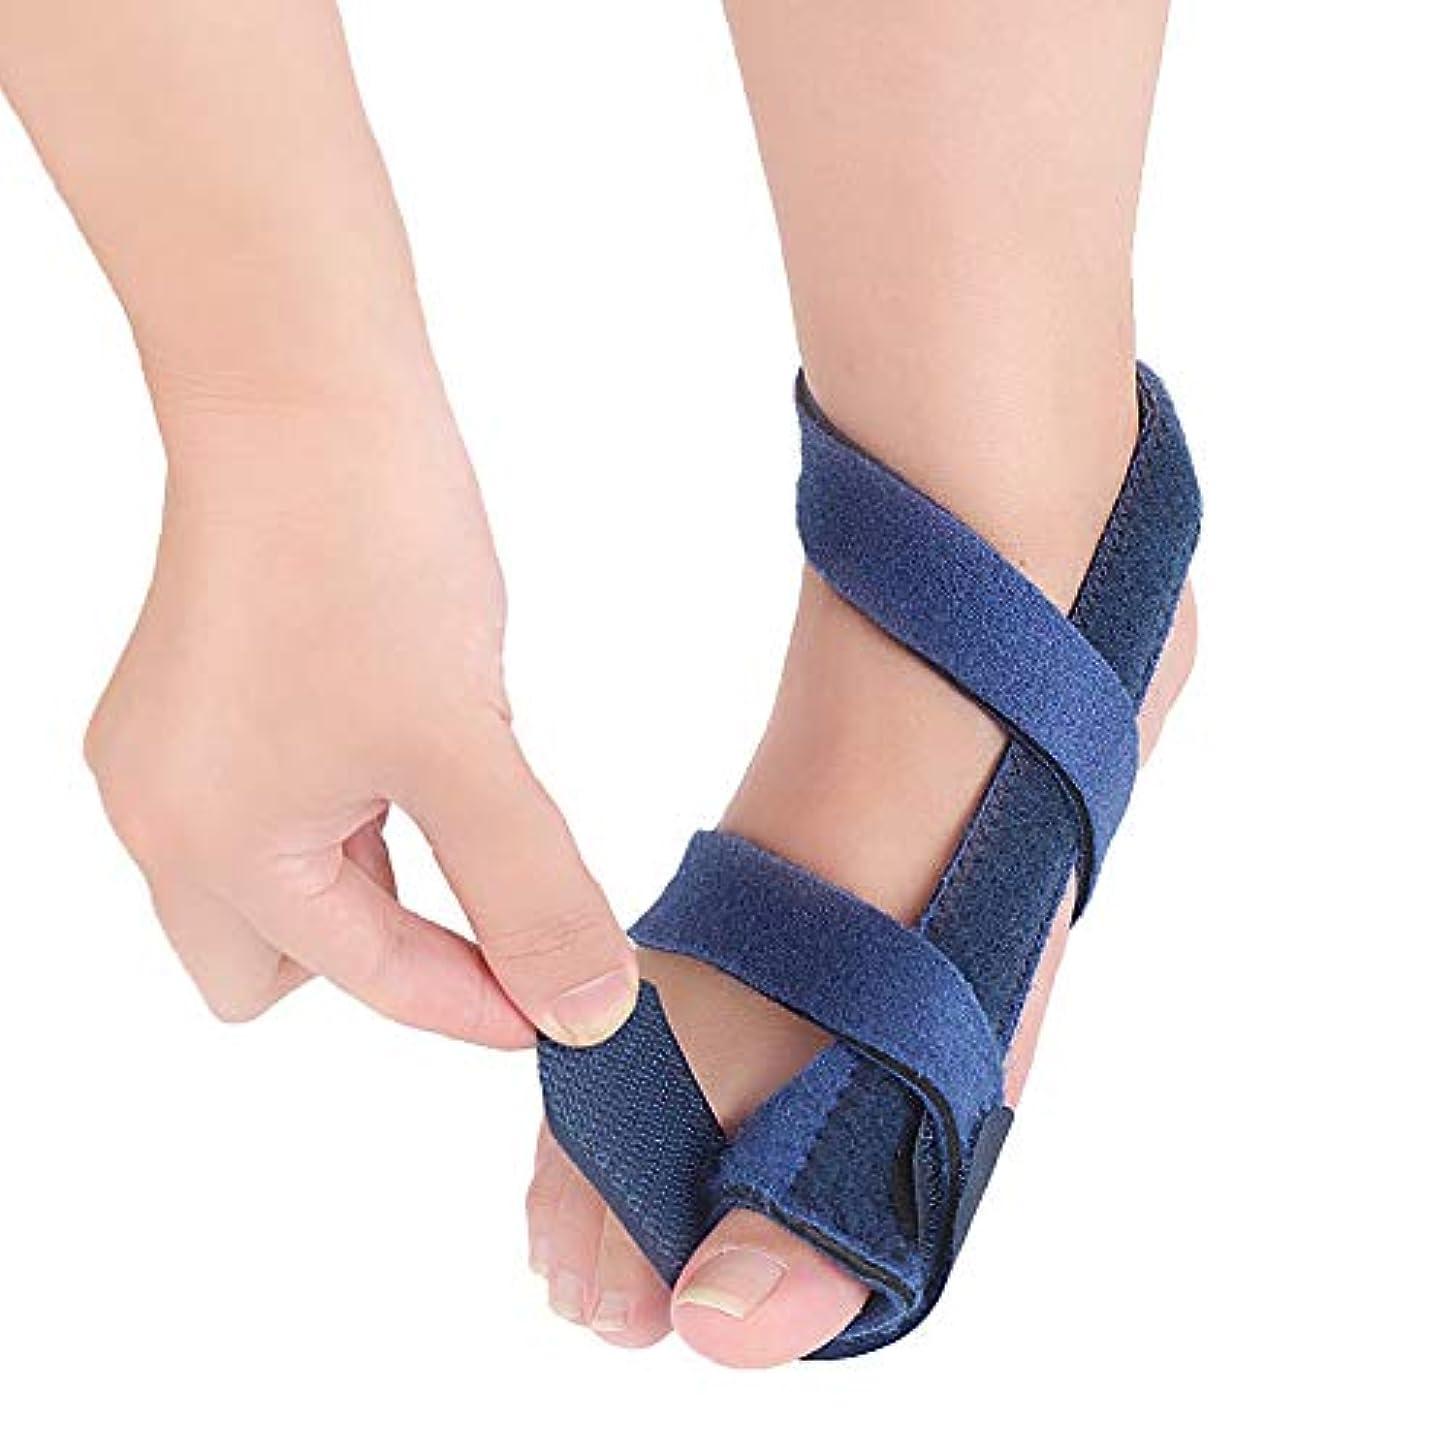 計算する西バックグラウンド外反母趾足指セパレーターは足指重複嚢胞通気性吸収汗ワンサイズを防止し、ヨガ後の痛みと変形を軽減